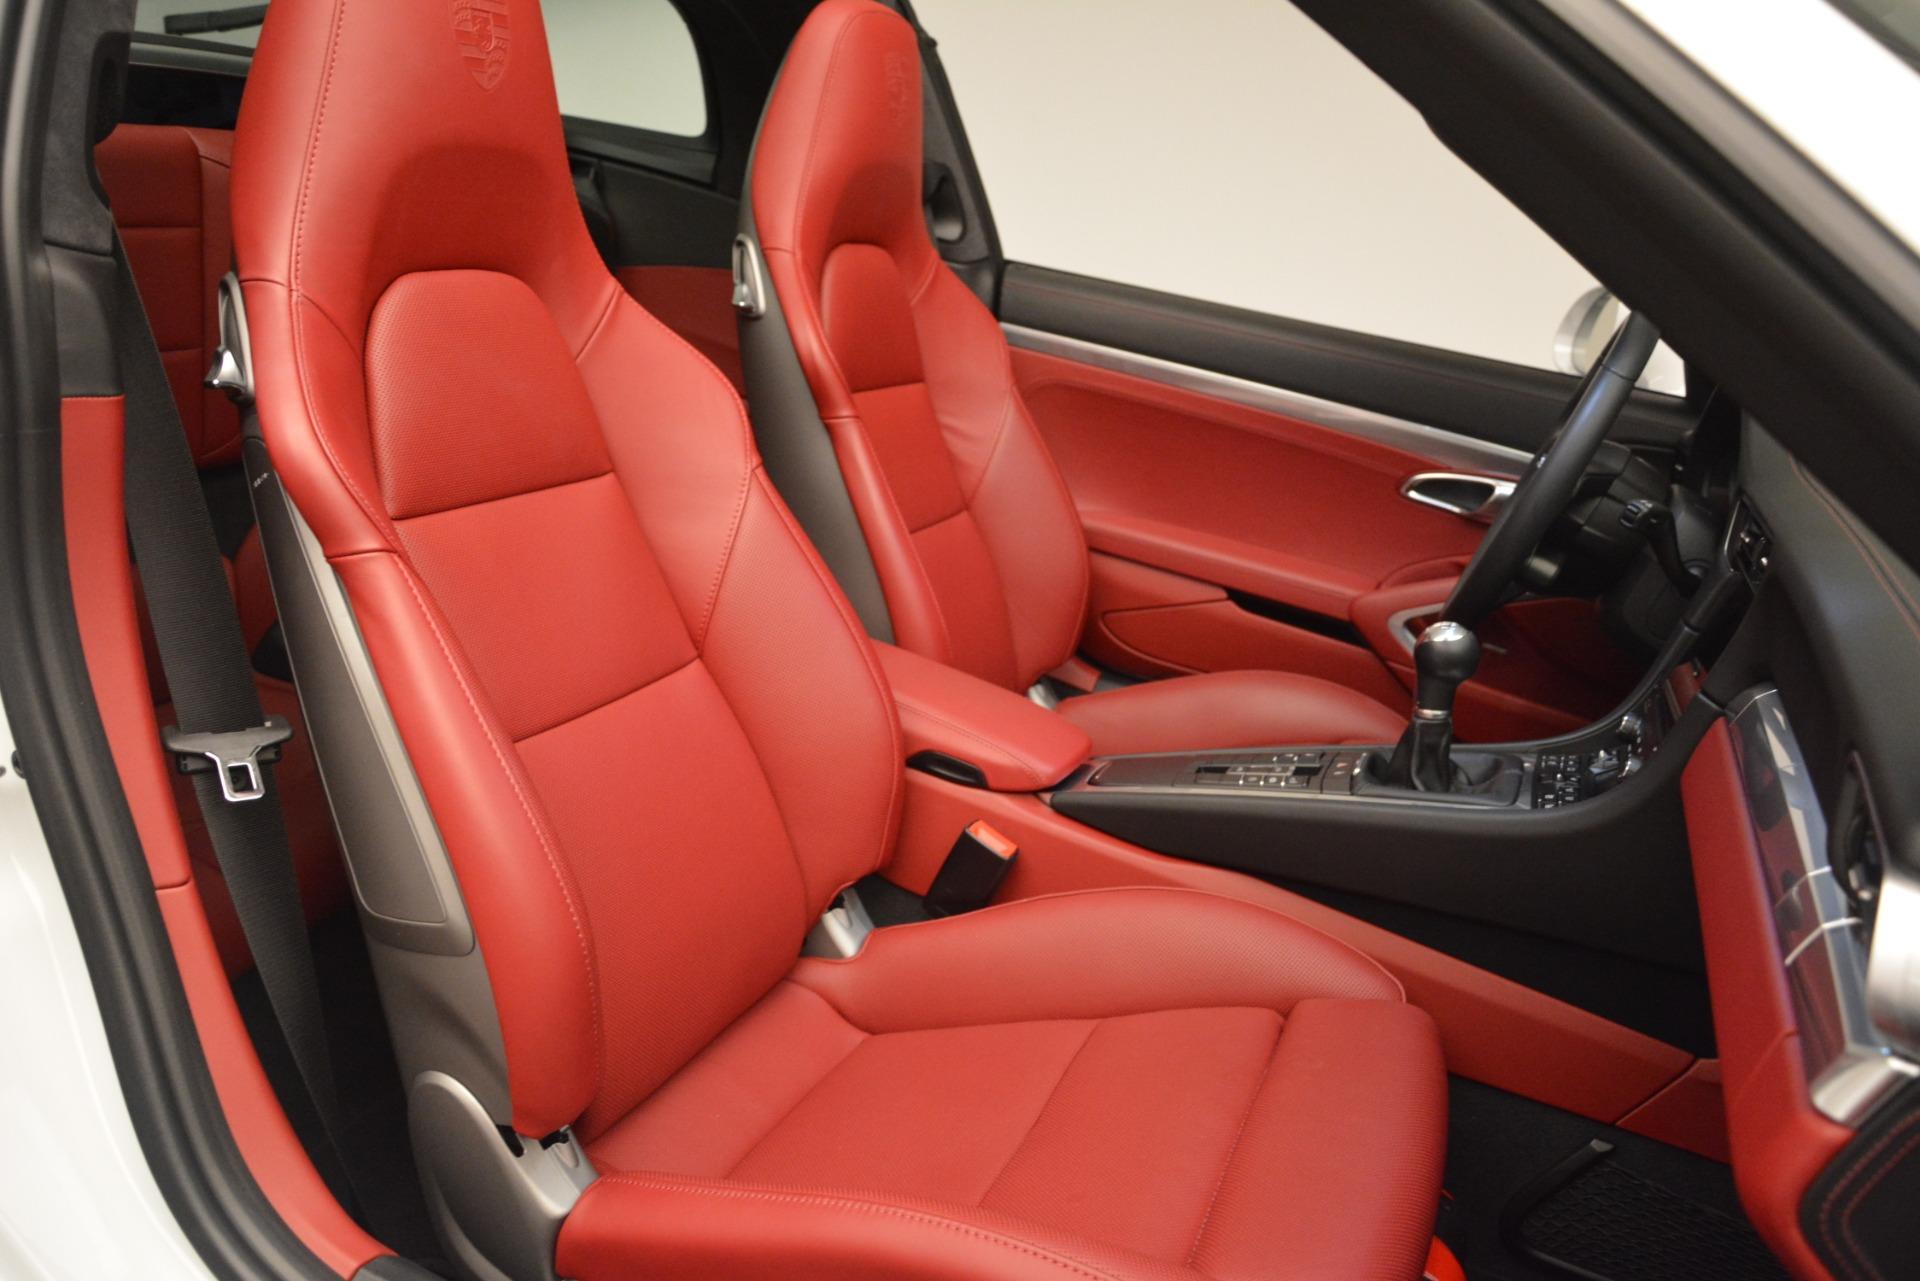 Used 2017 Porsche 911 Targa 4S For Sale In Greenwich, CT. Alfa Romeo of Greenwich, 7433 2593_p19